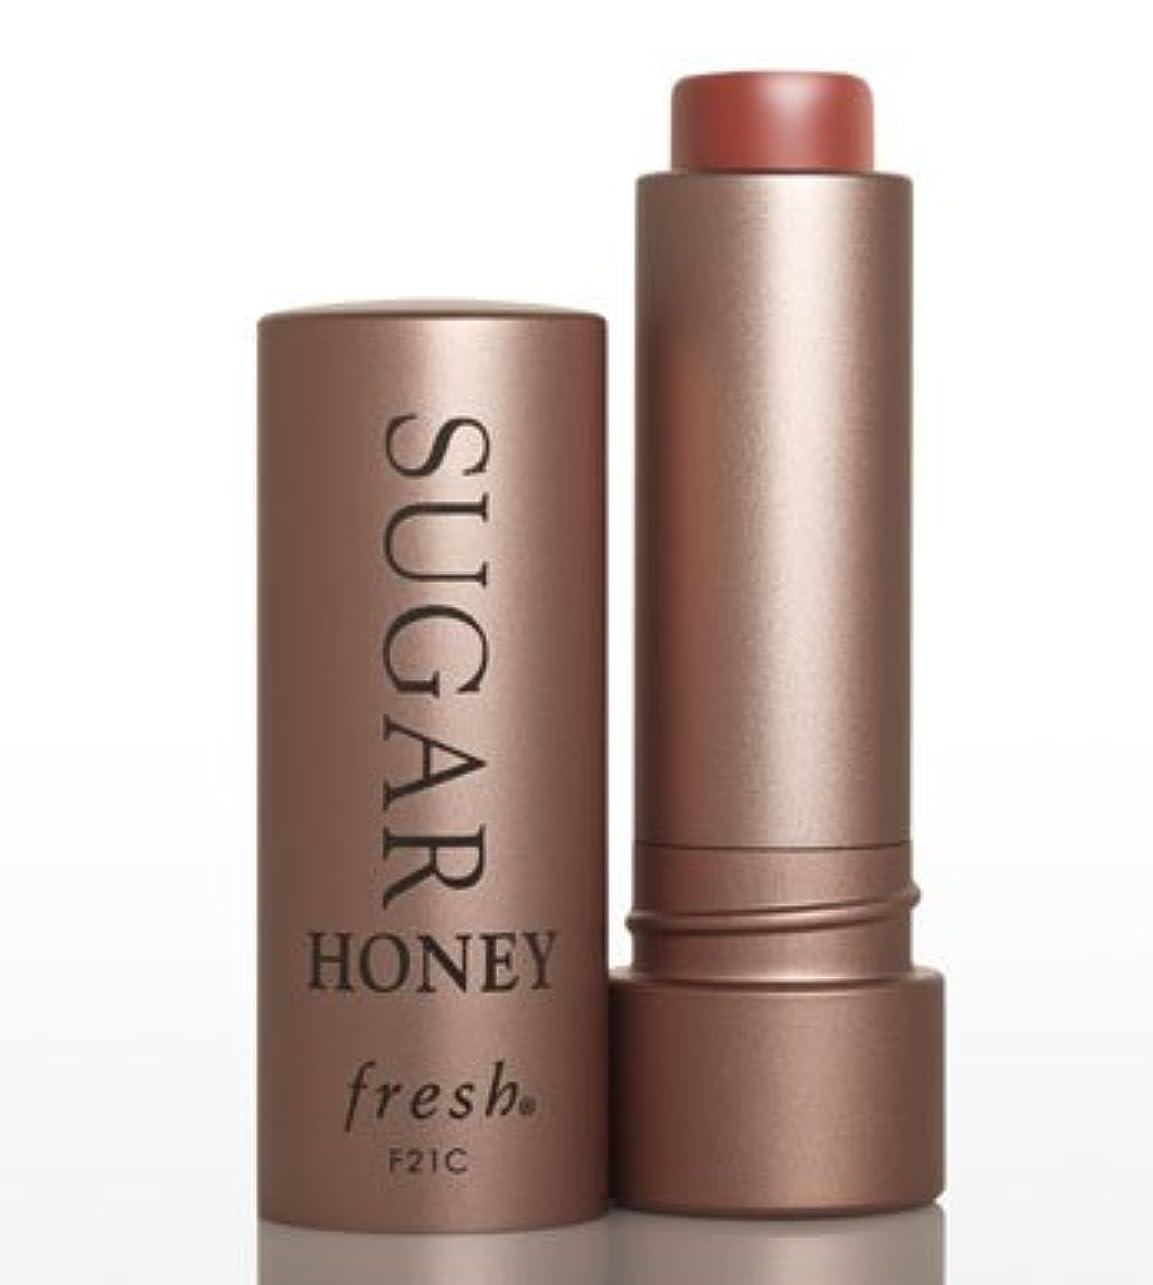 以下効率日食Fresh SUGAR Honey TINTED LIP TREATMENT SPF15(フレッシュ シュガー ハニー ティンテッド リップ トリートメント SPF15) 0.15 oz (4.3g)